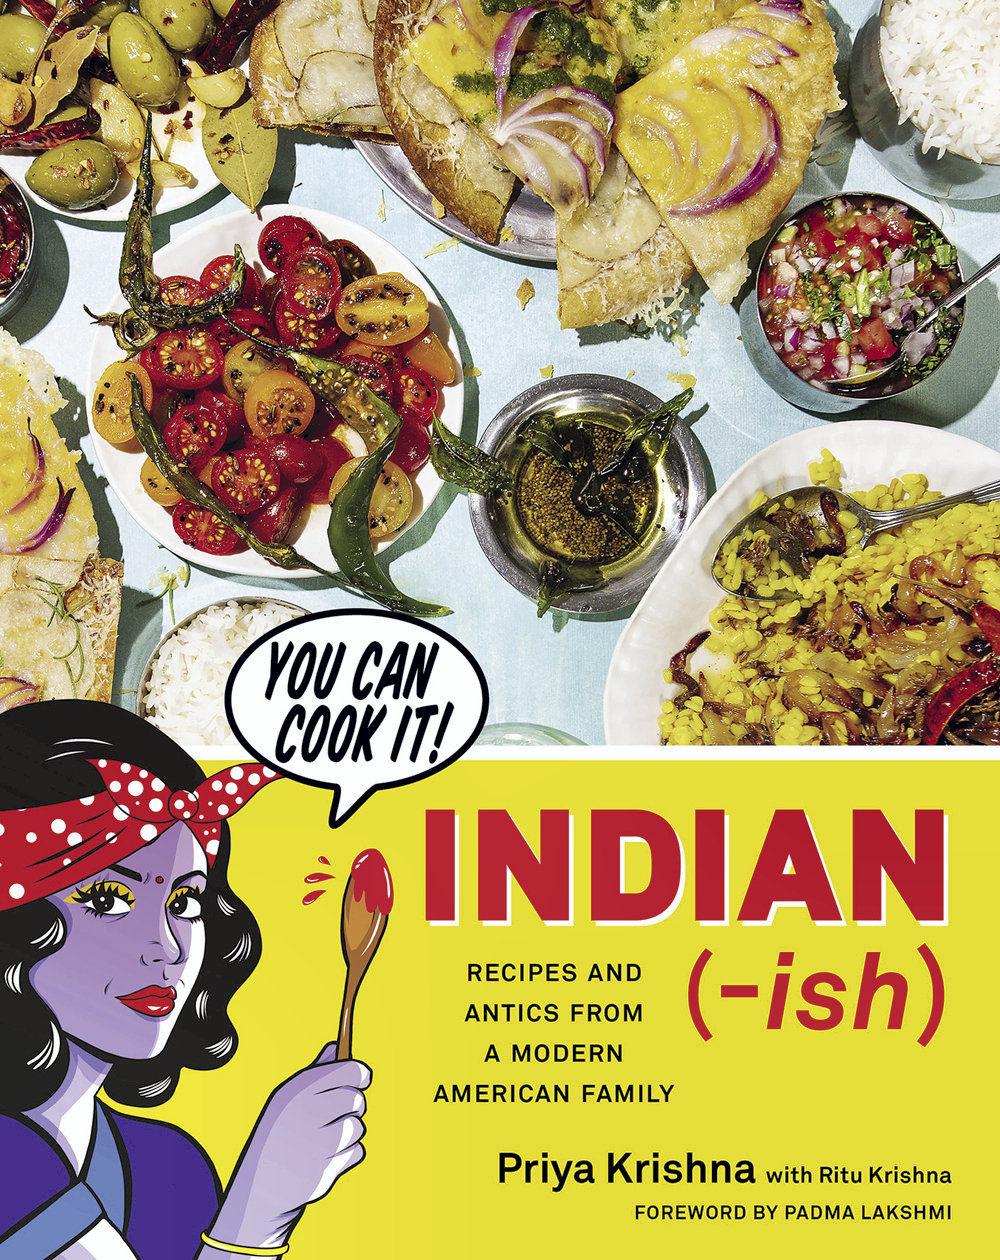 Cooksbooks_Indian_ish